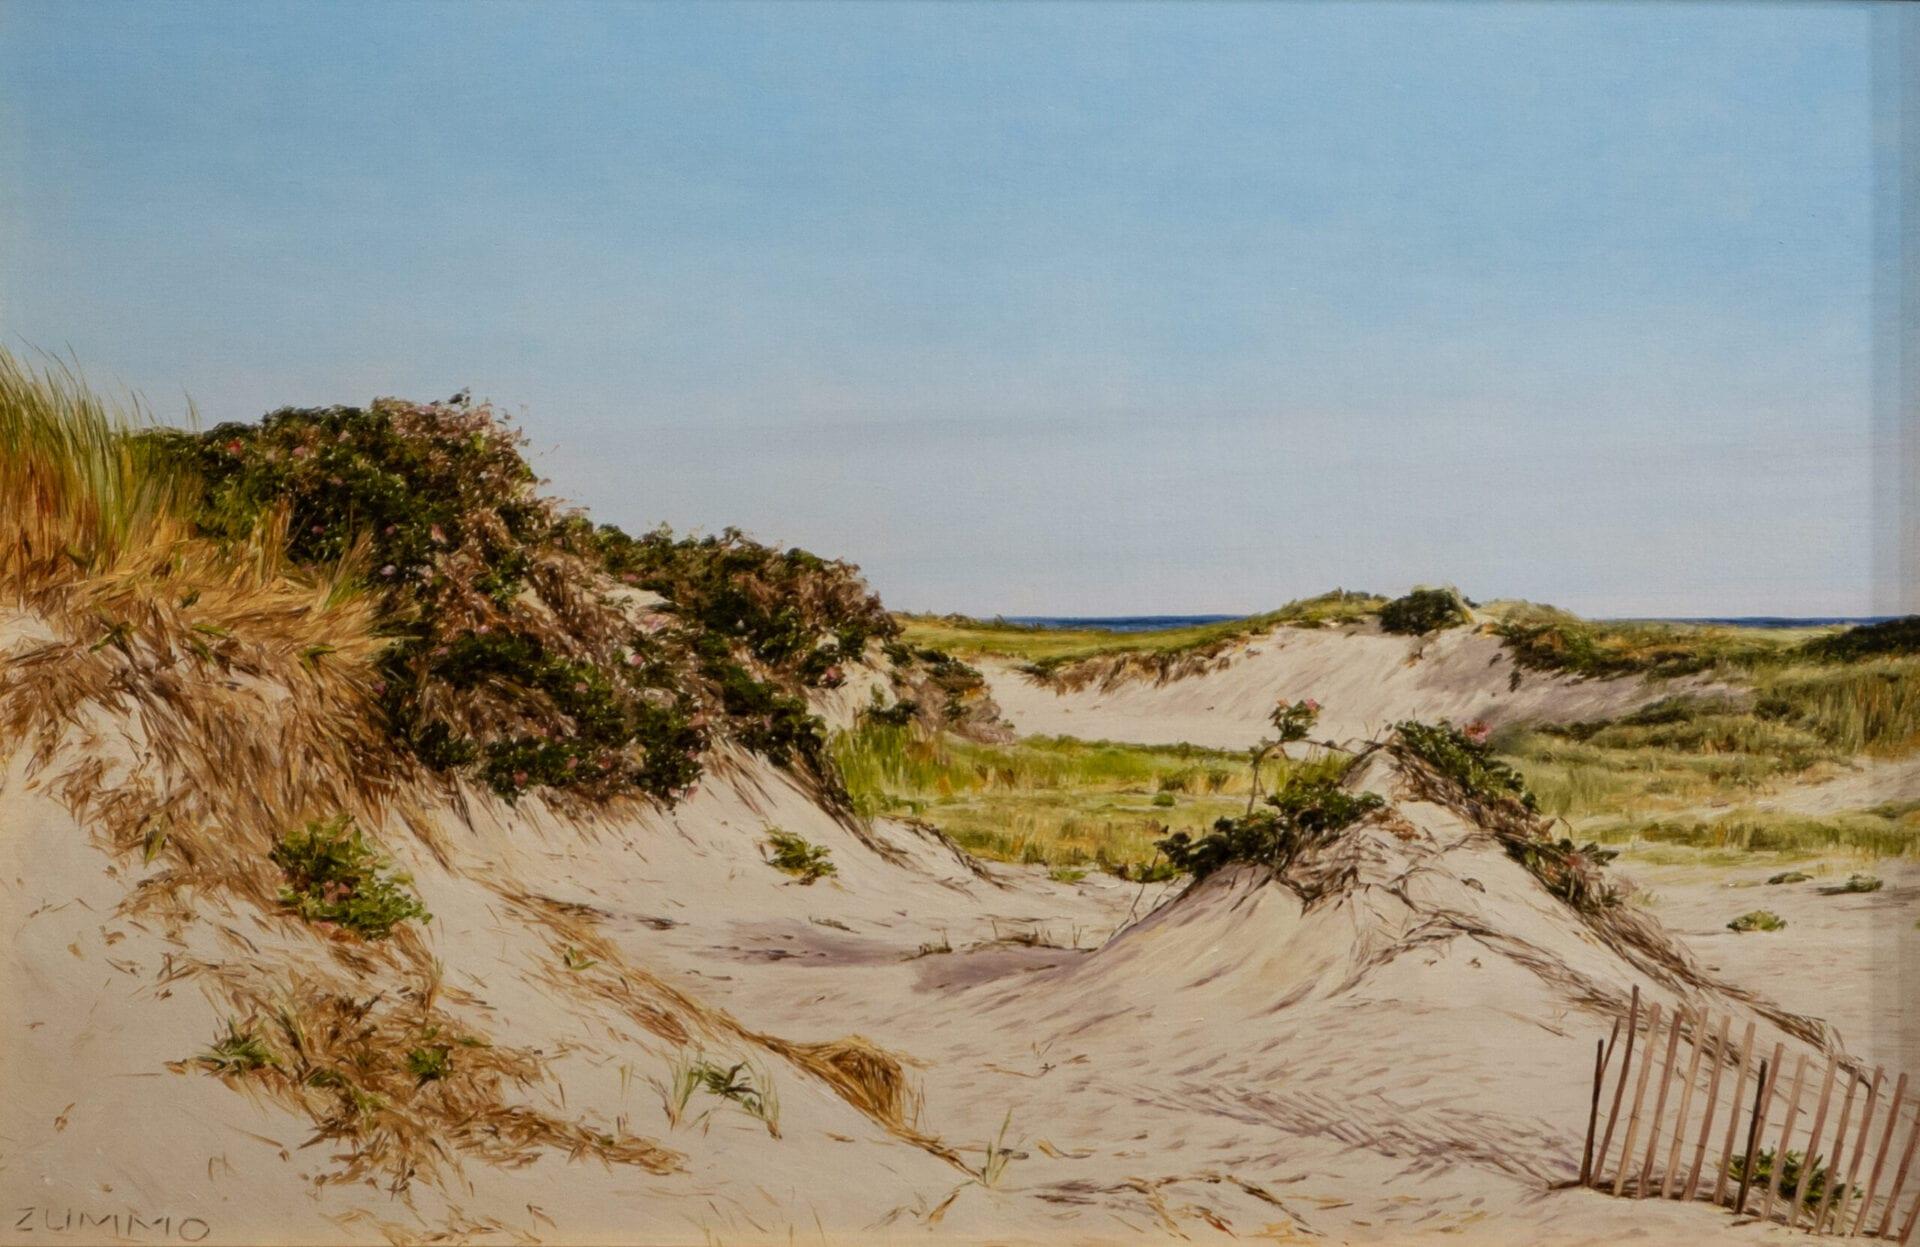 Lori Zummo - Jetties Dunes